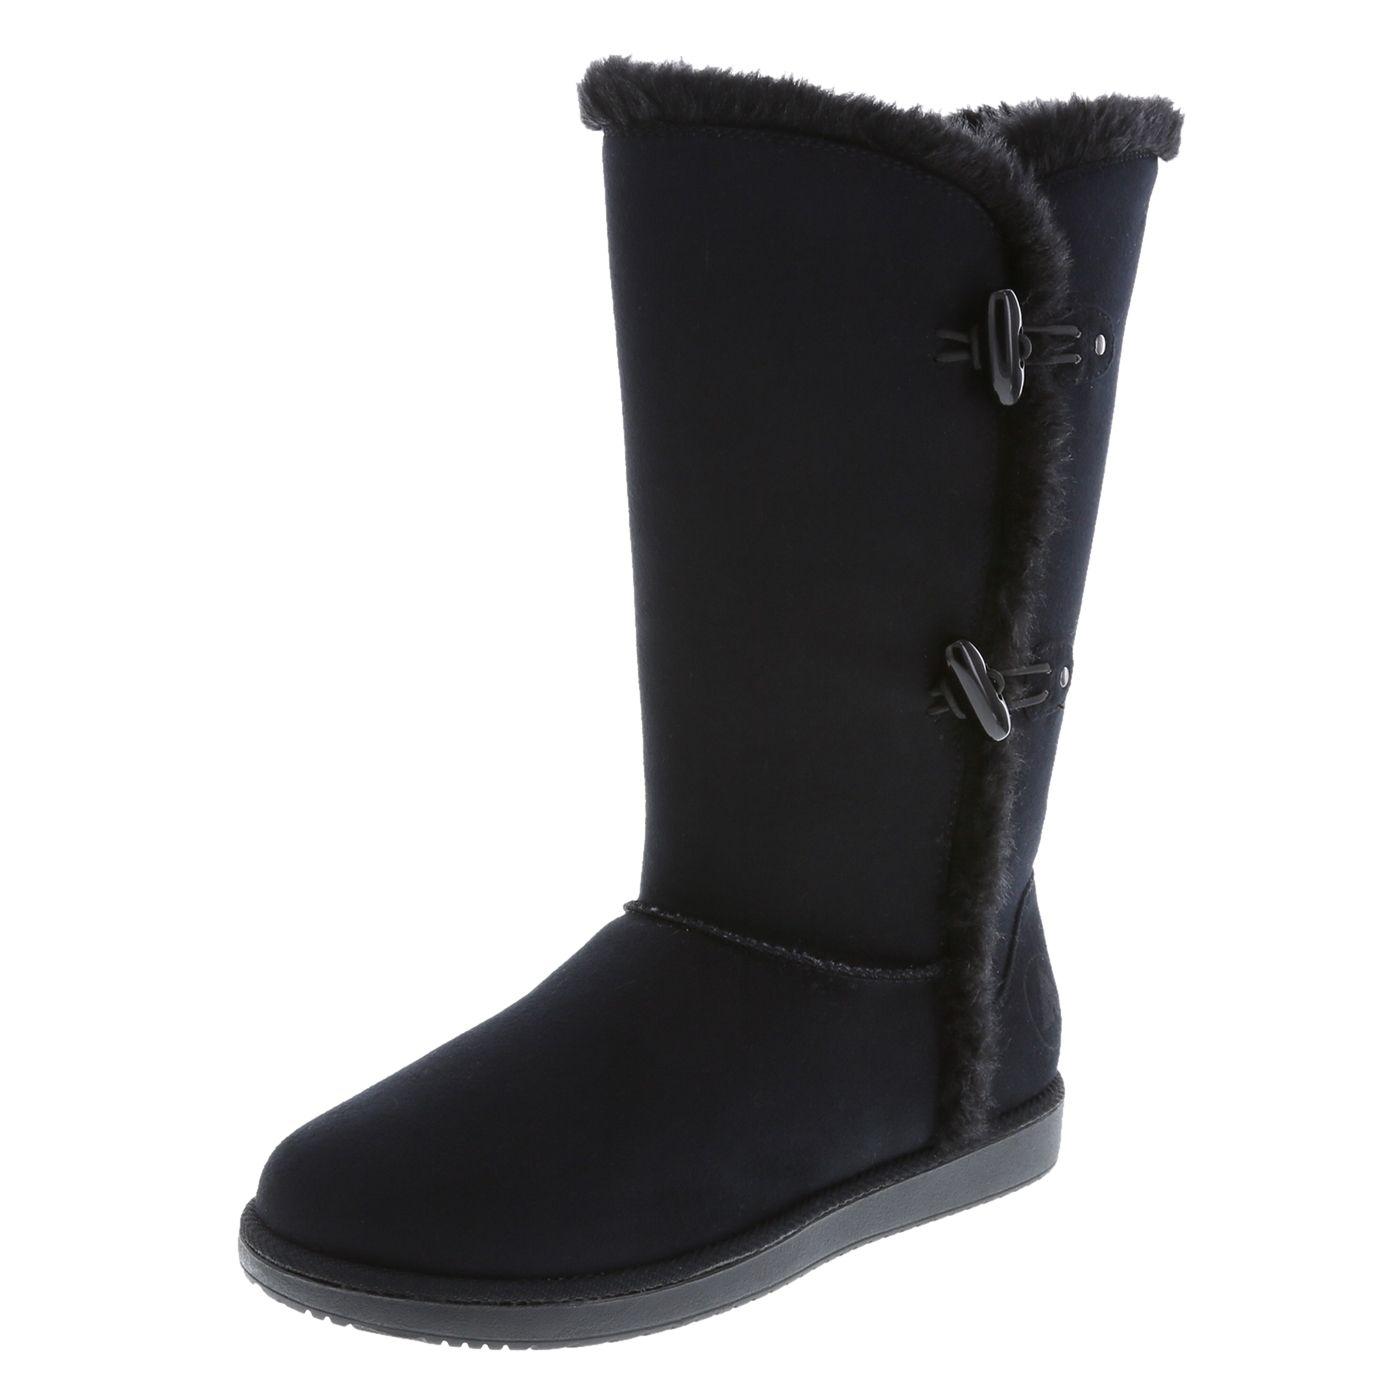 93d06df5683 Airwalk - Womens Myra Tall Boot   Payless Shoes   Winter Boots ...